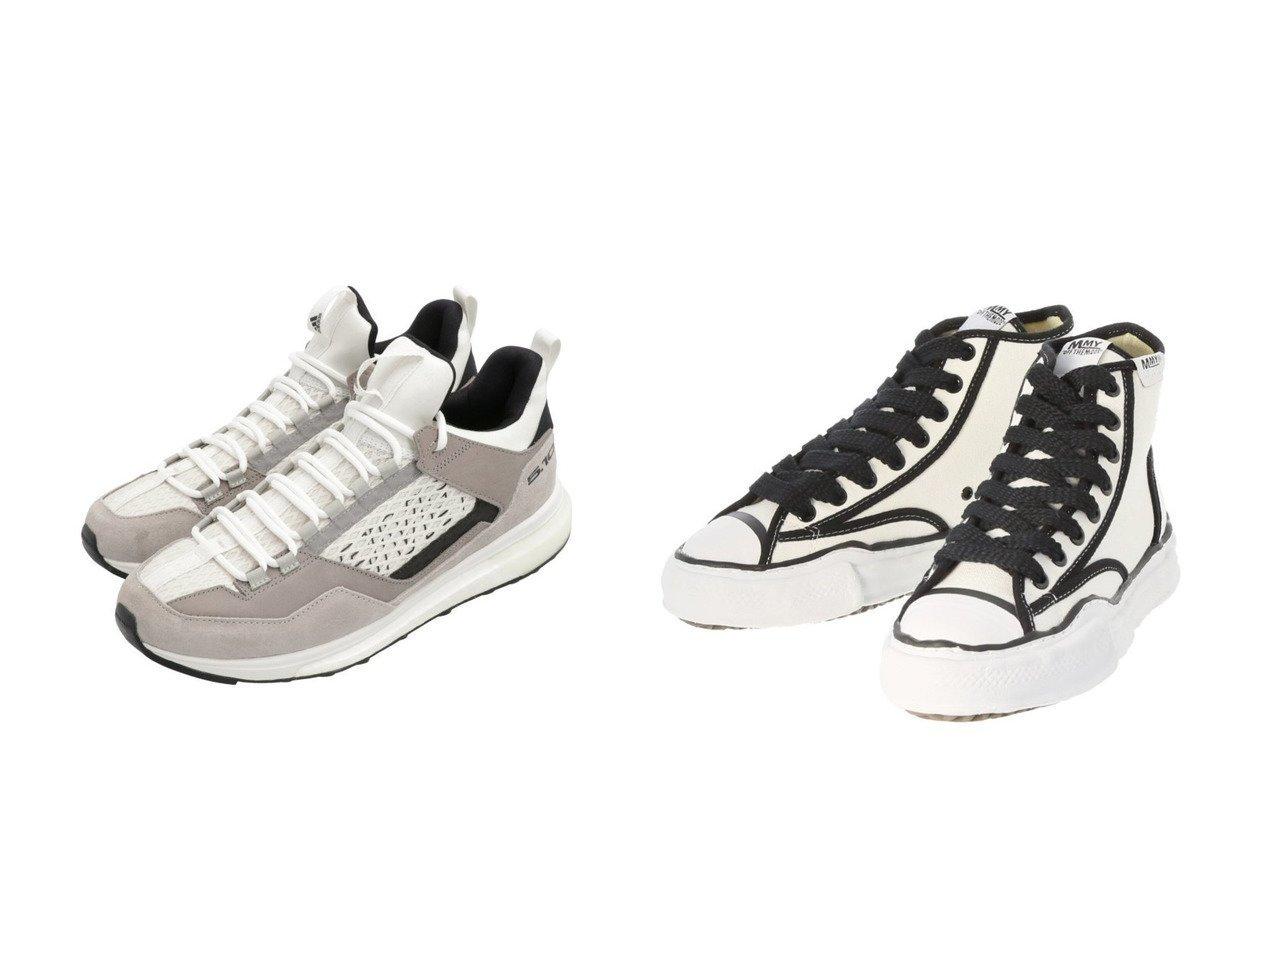 【adidas Sports Performance / MEN/アディダス スポーツ パフォーマンス】のファイブテン ファイブテニー DLX アプローチ [Five Ten Five Tennie DLX Approach] アディダス&【around the shoes / MEN/アラウンドザシューズ】のメゾンミハラヤスヒロ/MaisonMIHARAYASUHIROハイカットスニーカー 【MEN】男性のおすすめ!人気、メンズファッションの通販 おすすめファッション通販アイテム インテリア・キッズ・メンズ・レディースファッション・服の通販 founy(ファニー) ファッション Fashion メンズ MEN シューズ・靴 Shoes Men スニーカー Sneakers クッション シューズ スニーカー スポーツ スリッポン フィット ミックス メッシュ ランニング レギュラー 軽量 コレクション 定番 パイピング ワーク 秋冬 A/W Autumn/ Winter ブラック系 Black ホワイト系 White |ID:crp329100000003913